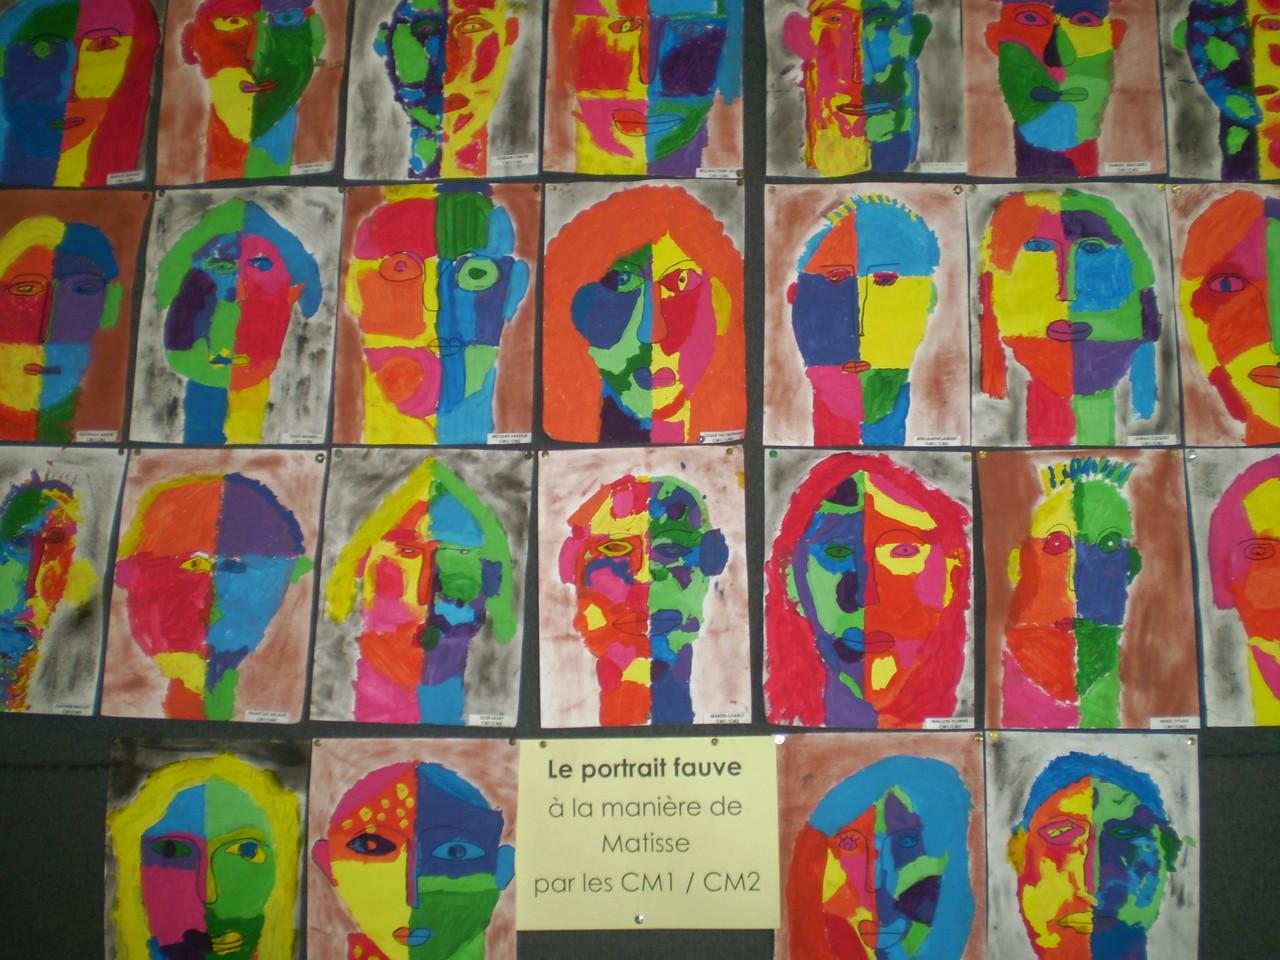 Leur visite au Musée Matisse a été bénéfique